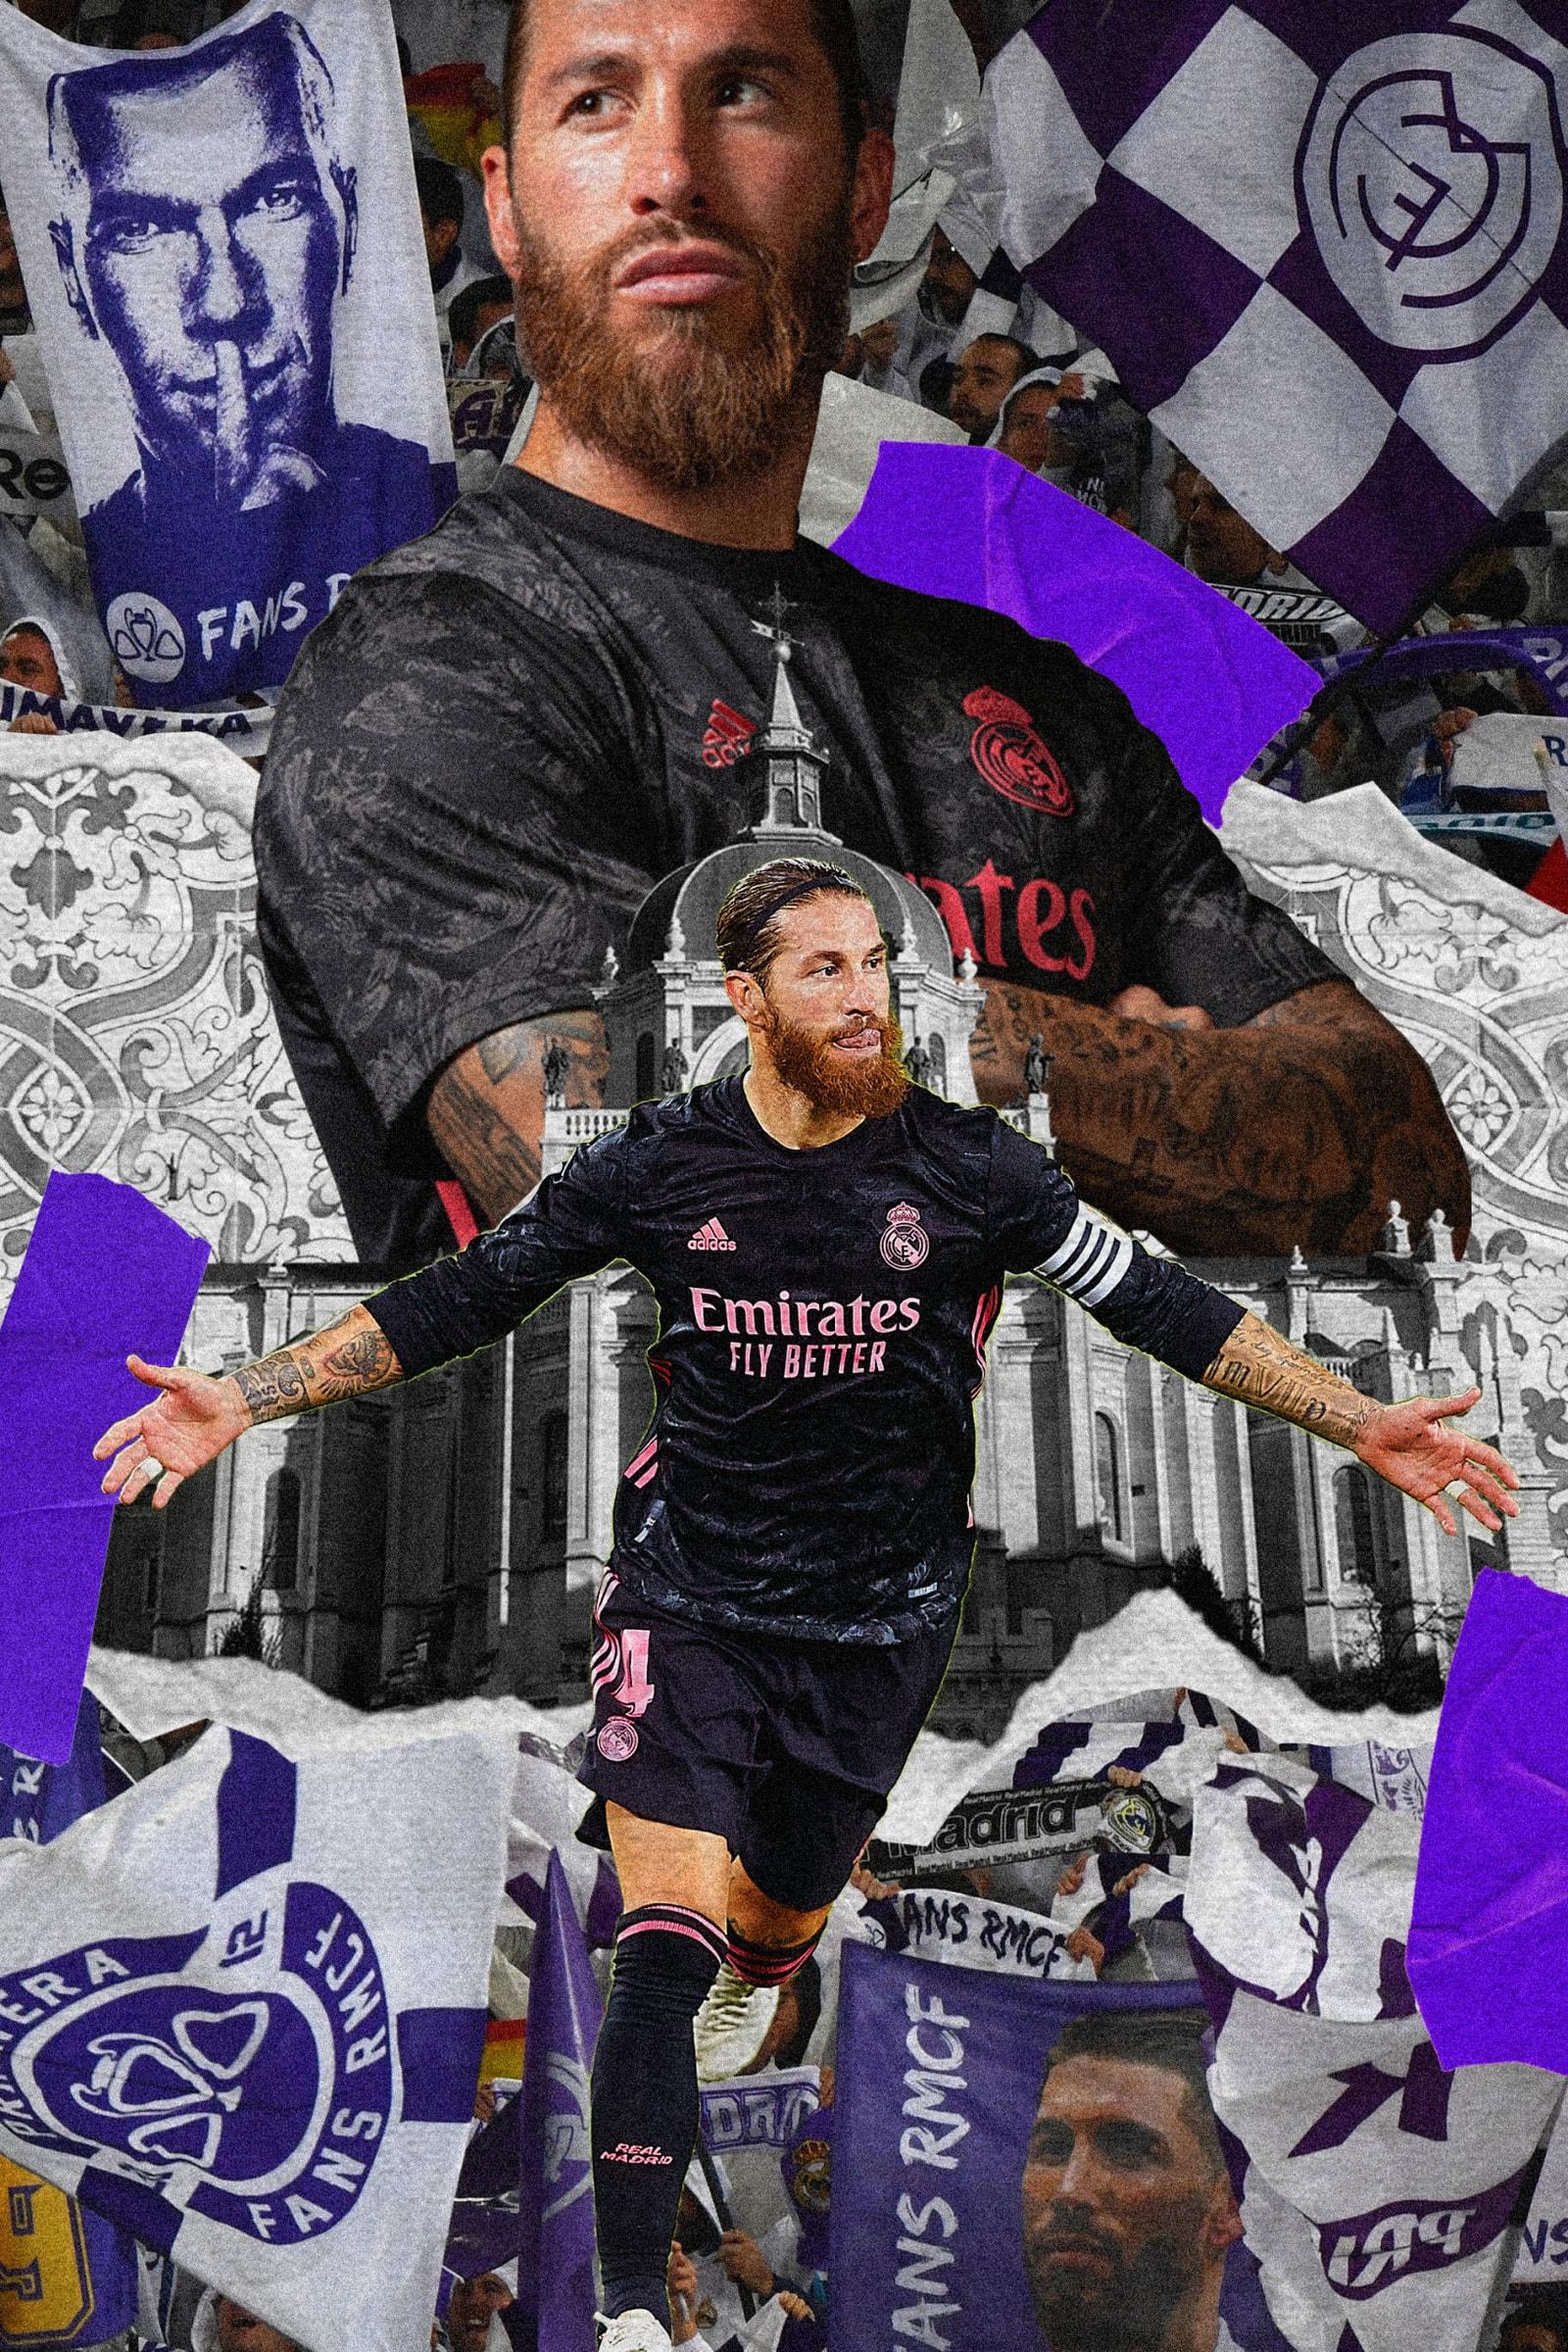 从大理石纹到 Paisley 印花,盘点 2020-2021 赛季最佳球衣设计